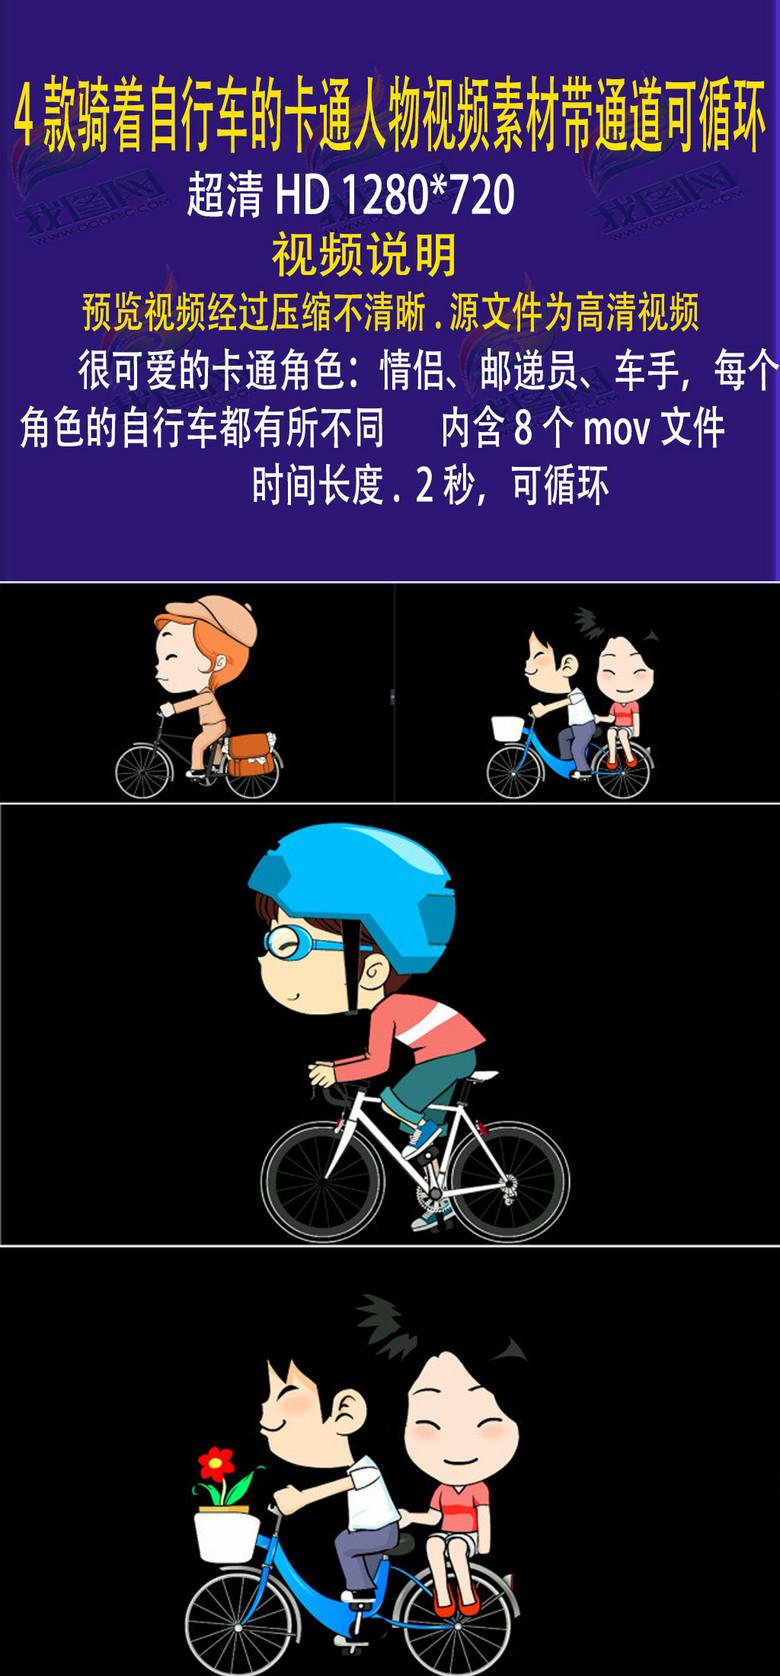 骑着自行车的卡通人物视频素材带通道可循环图片